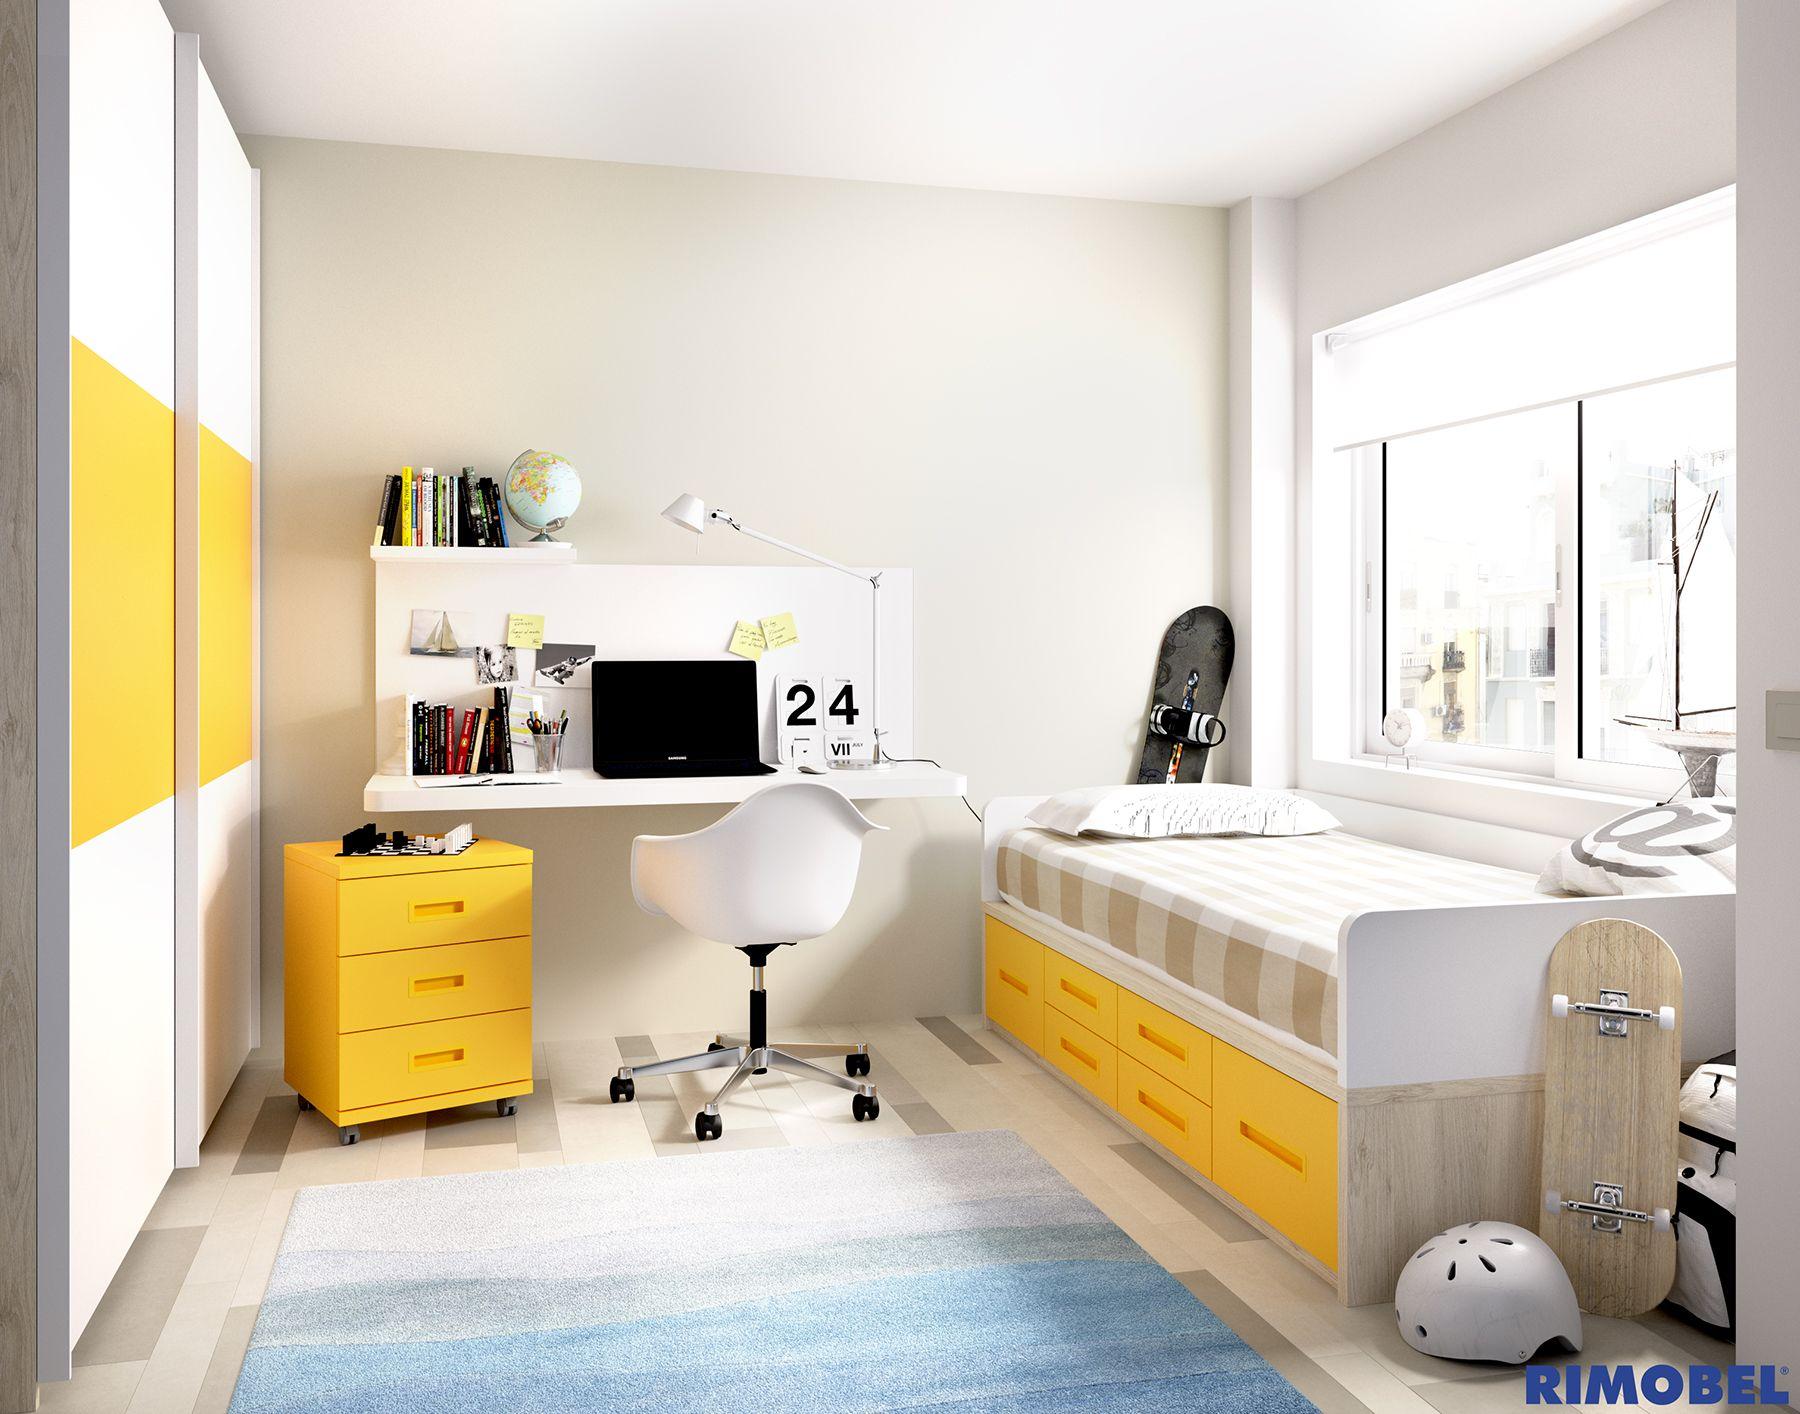 Habitaciones juveniles dise adas para la vida real http for Habitaciones juveniles pinterest